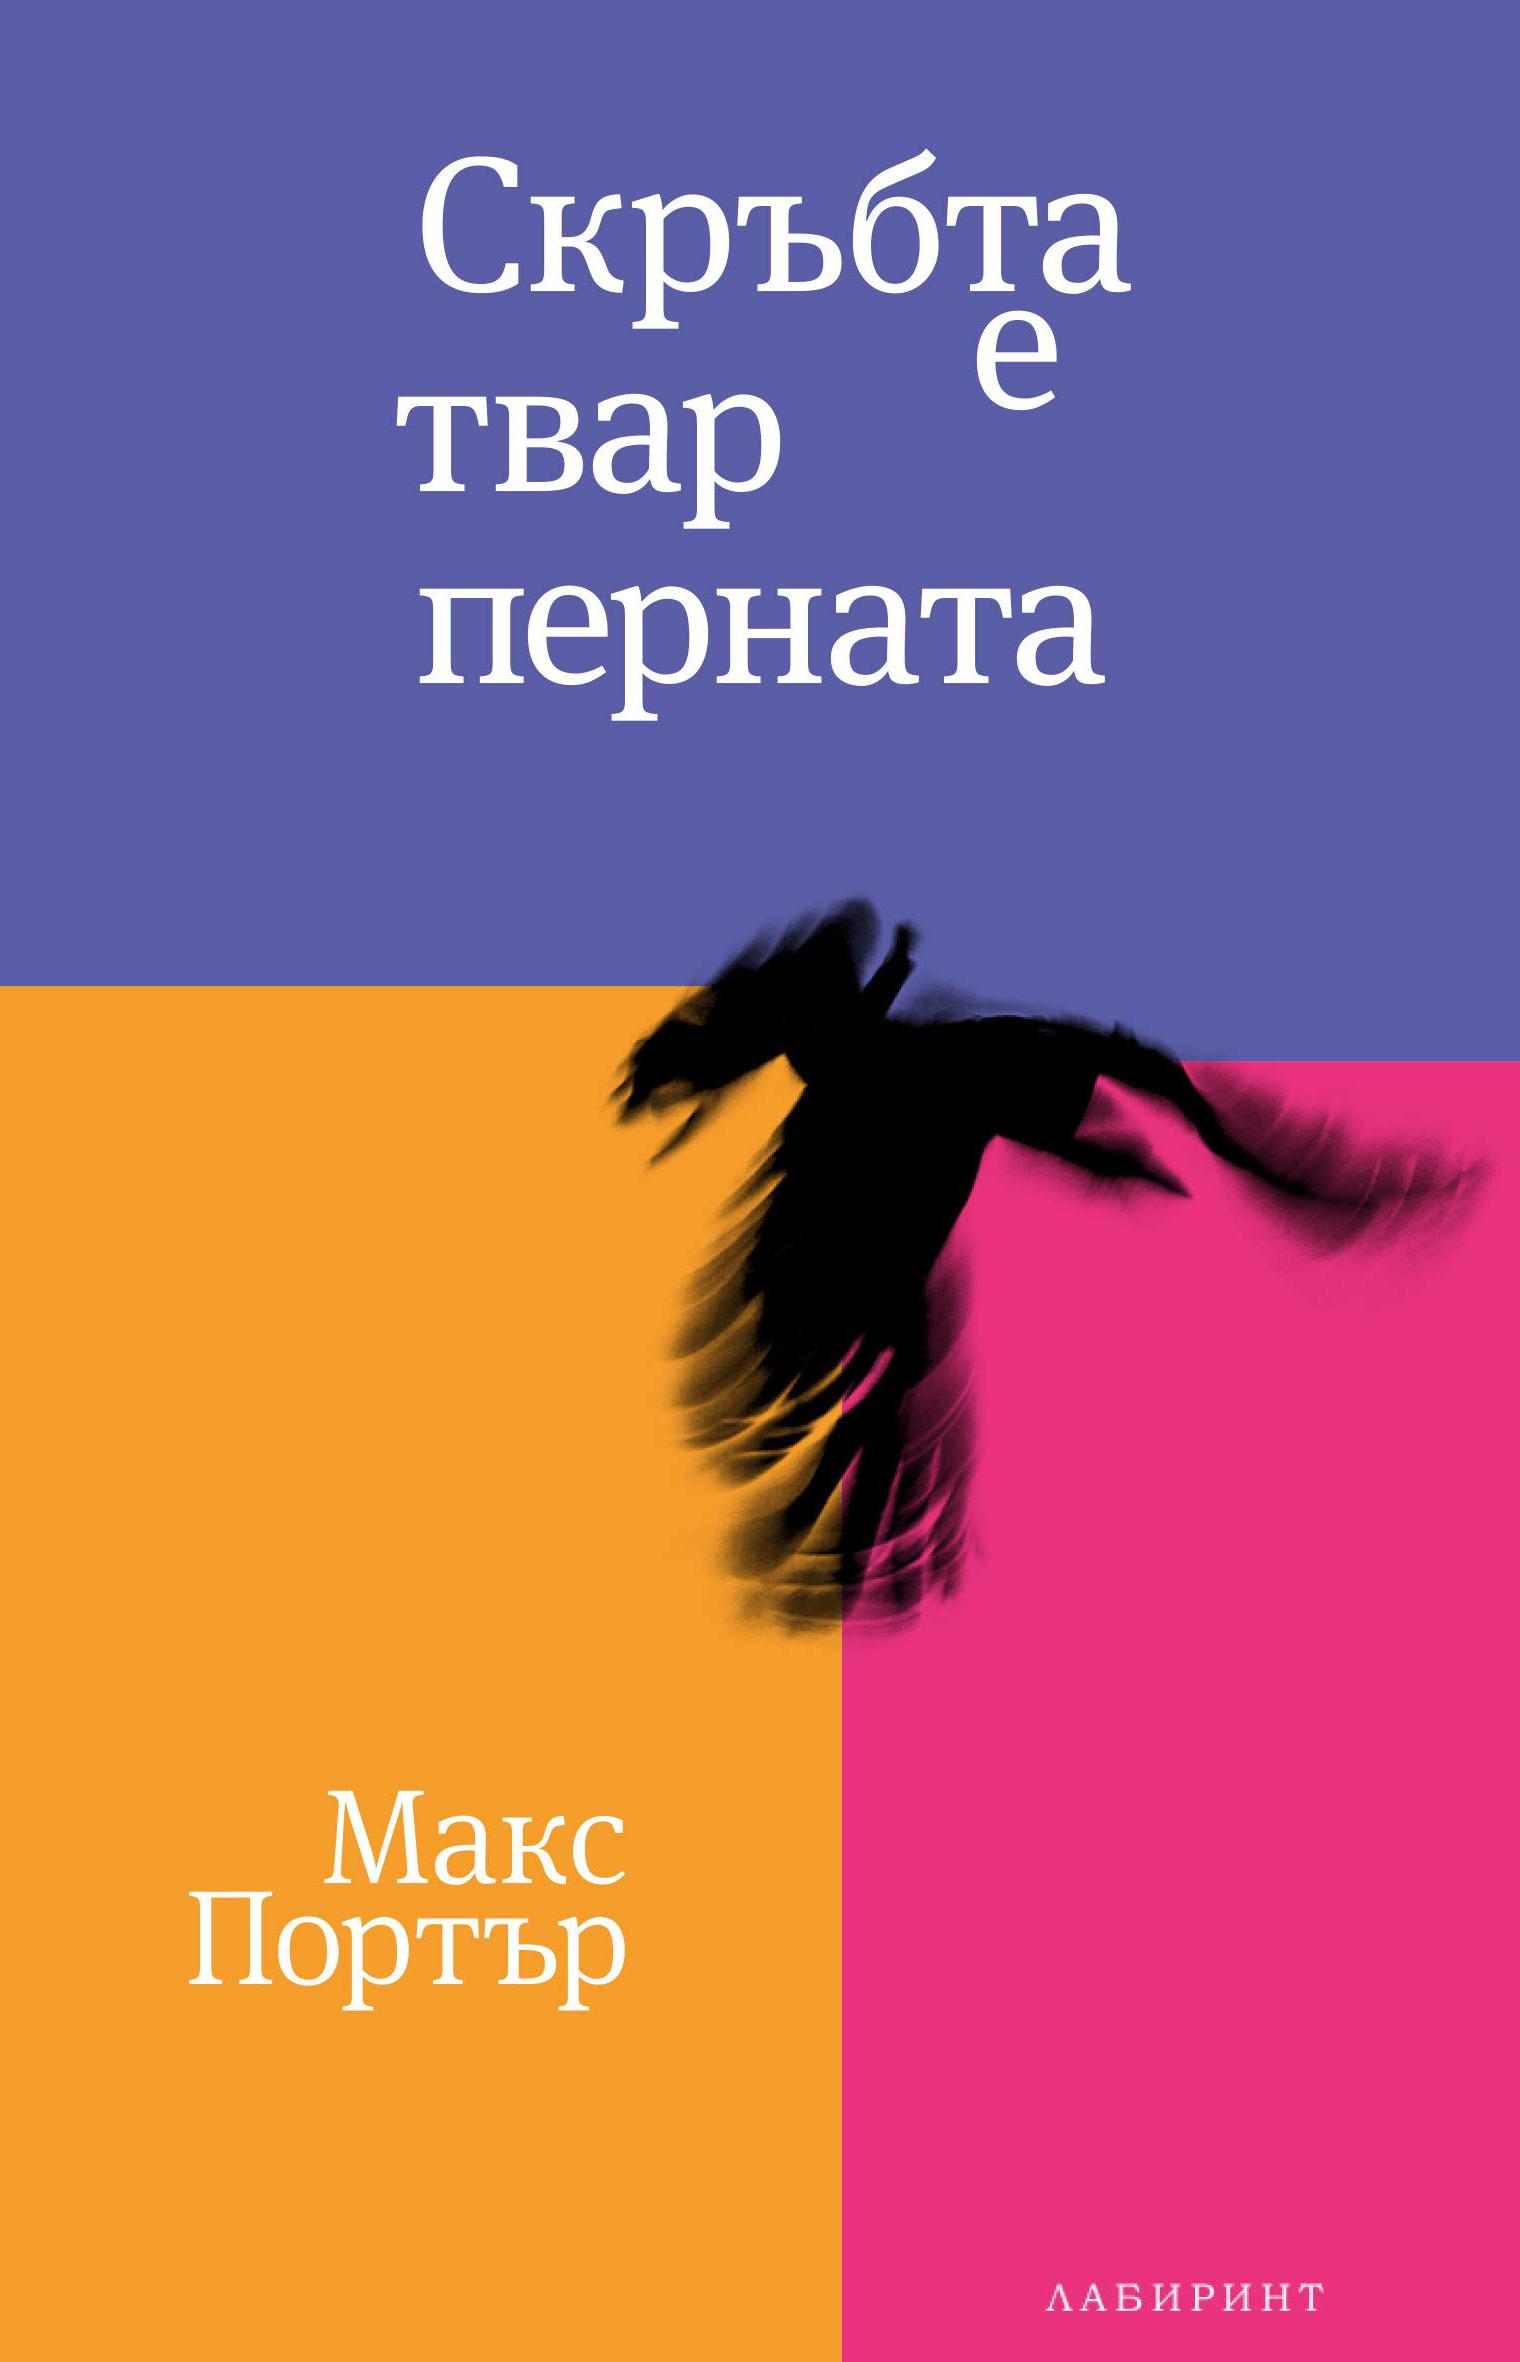 Design: Ivan Maslarov